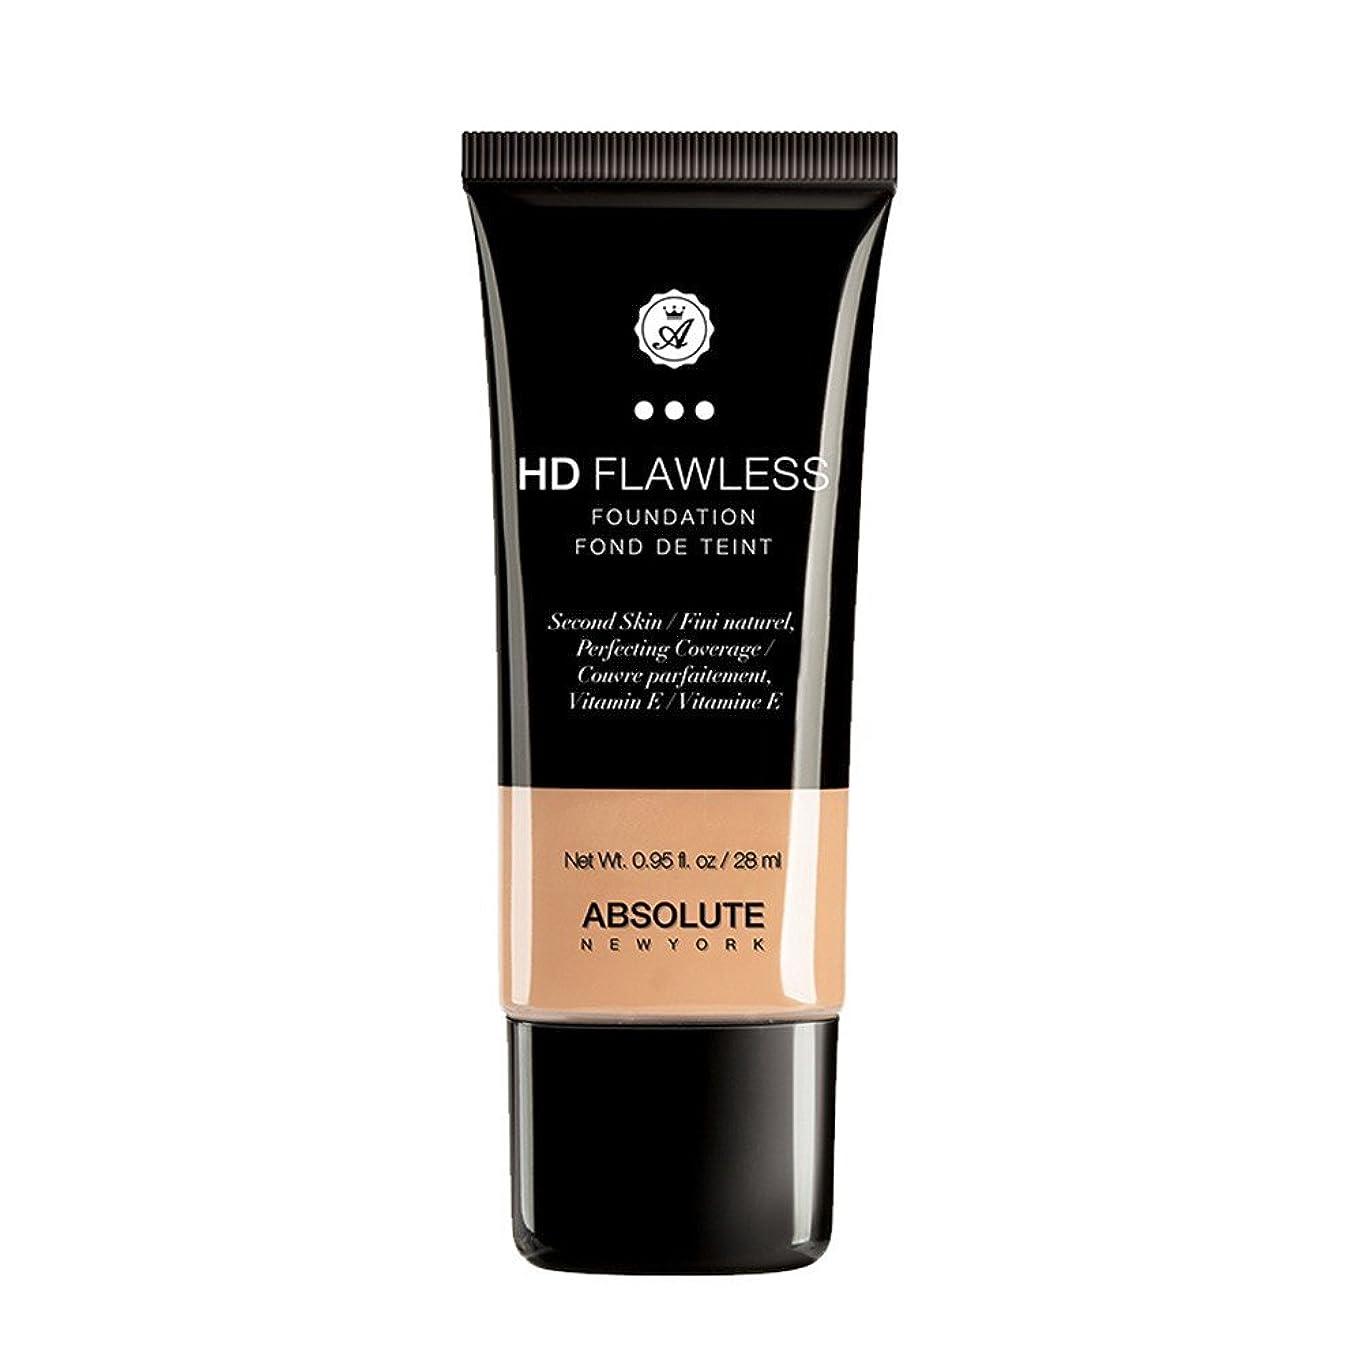 民間人スイ非武装化(6 Pack) ABSOLUTE HD Flawless Fluid Foundation - Natural (並行輸入品)